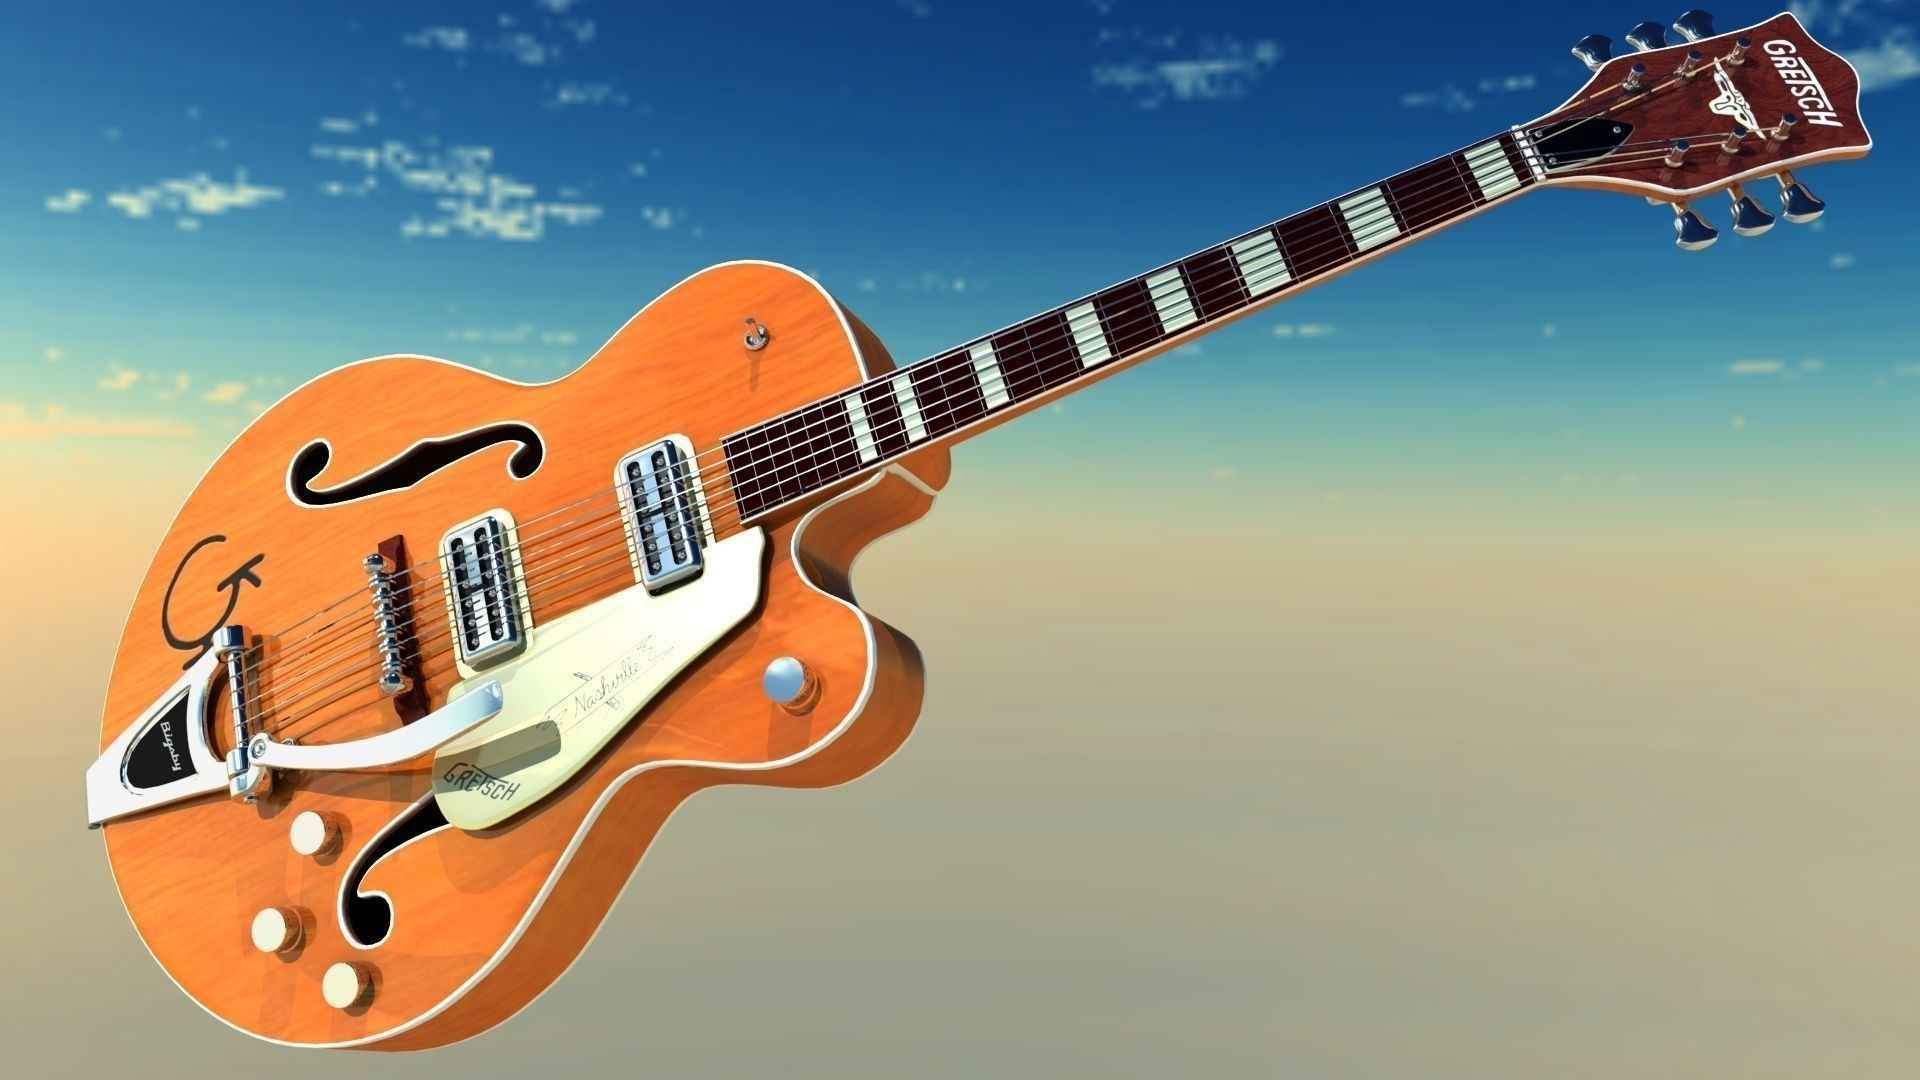 Electric Guitar, Free Desktop Wallpaper